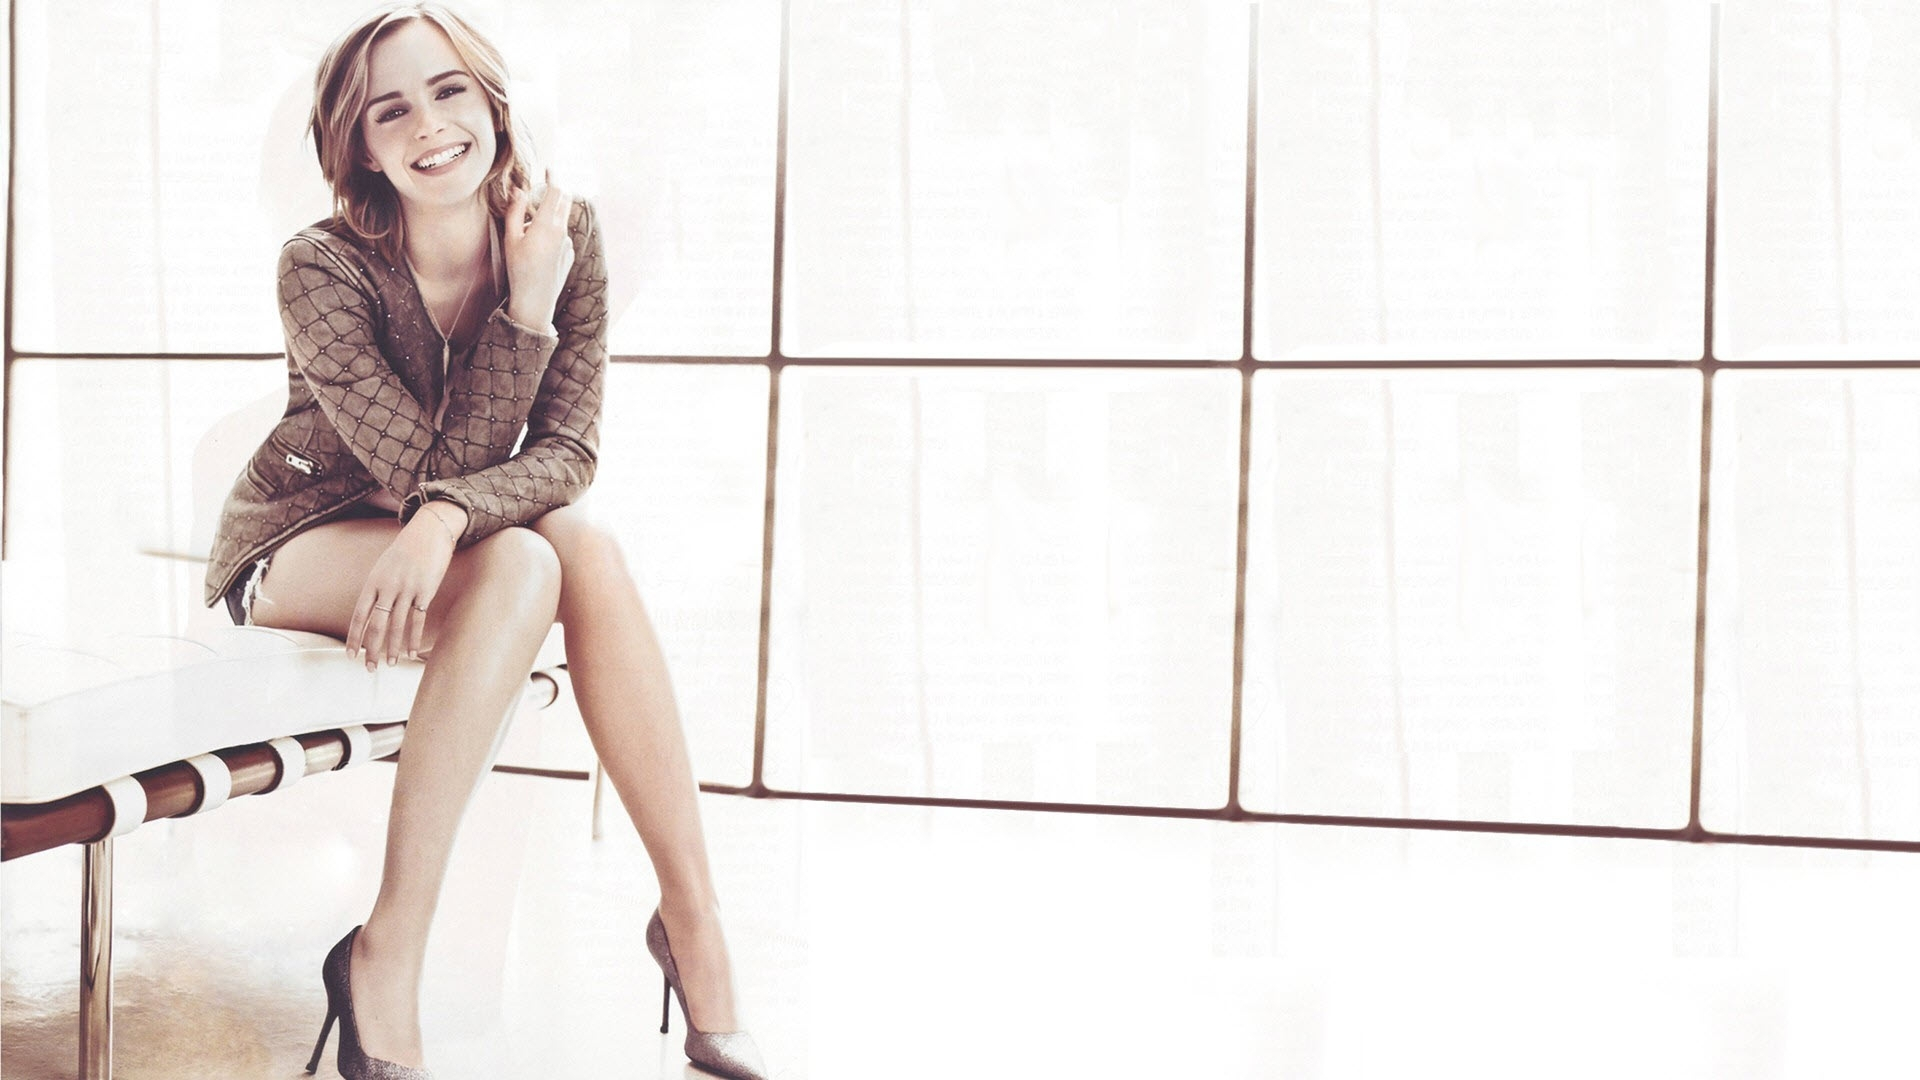 emma watson 2013 | beautiful